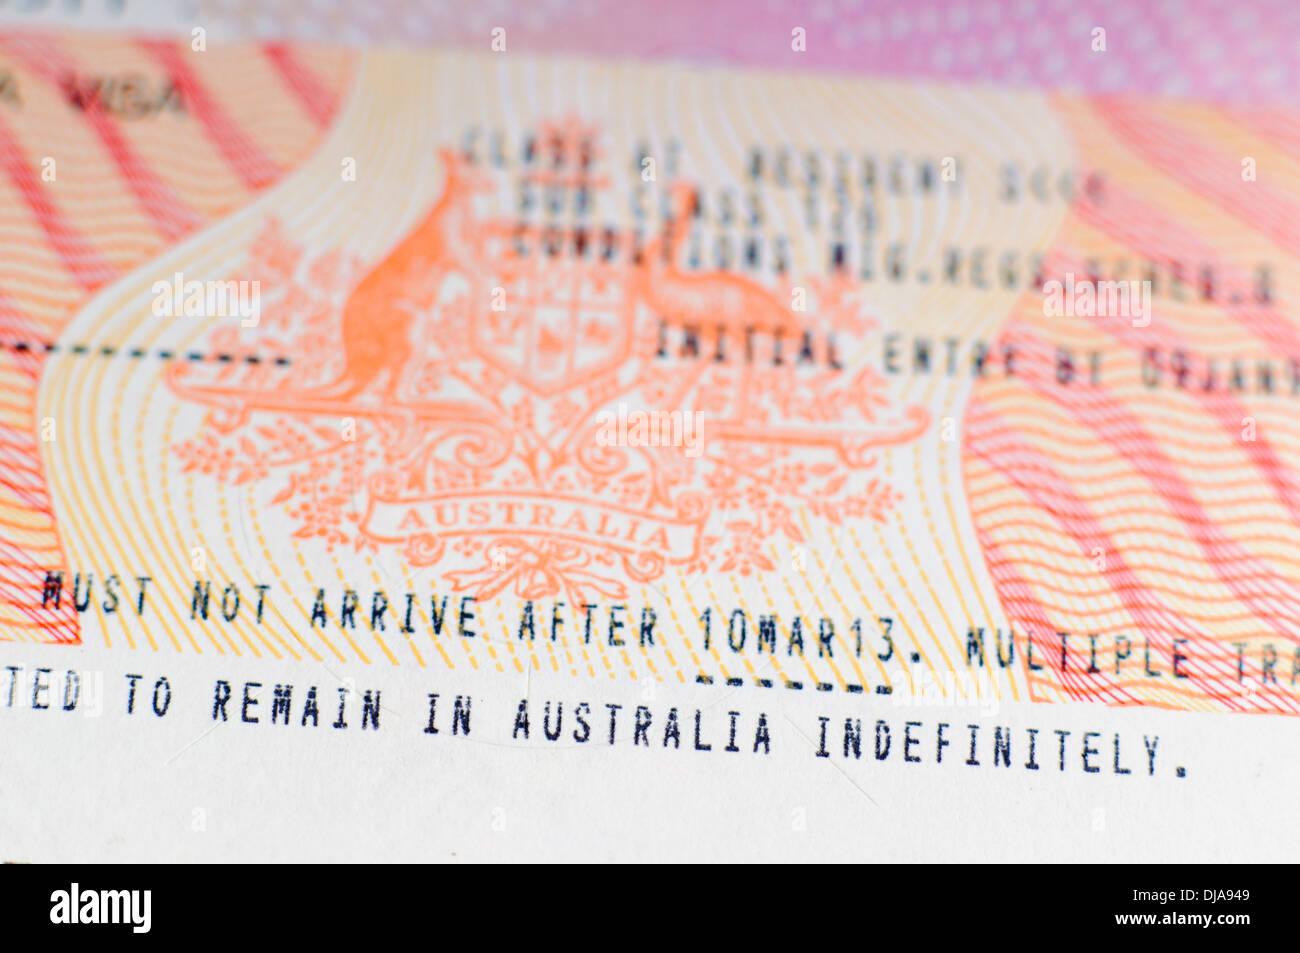 photo for australian visa application